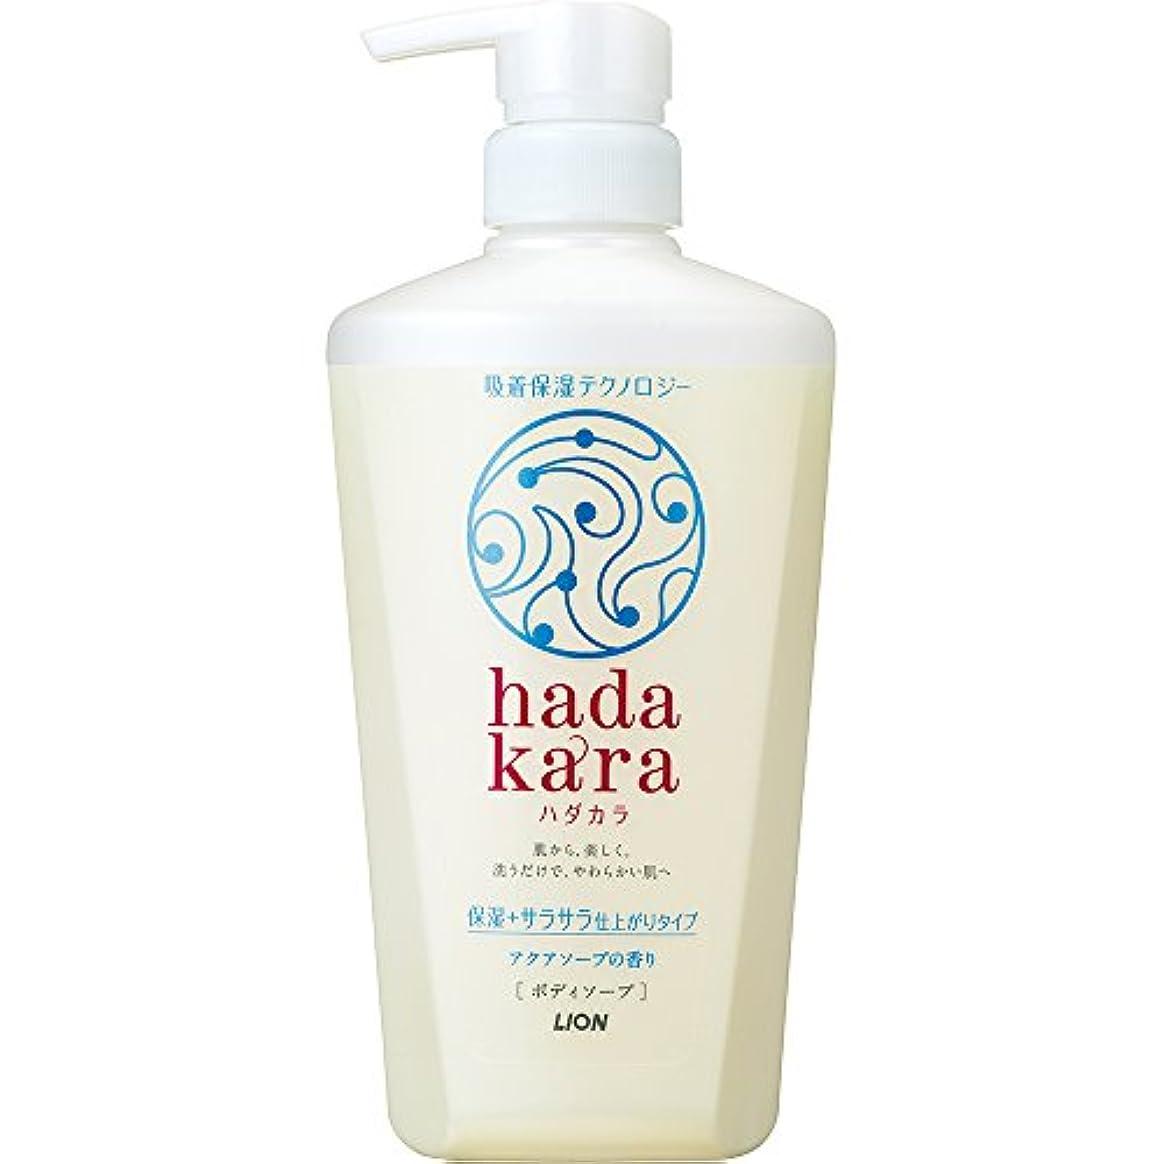 母攻撃的削除するhadakara(ハダカラ) ボディソープ 保湿+サラサラ仕上がりタイプ アクアソープの香り 本体 480ml